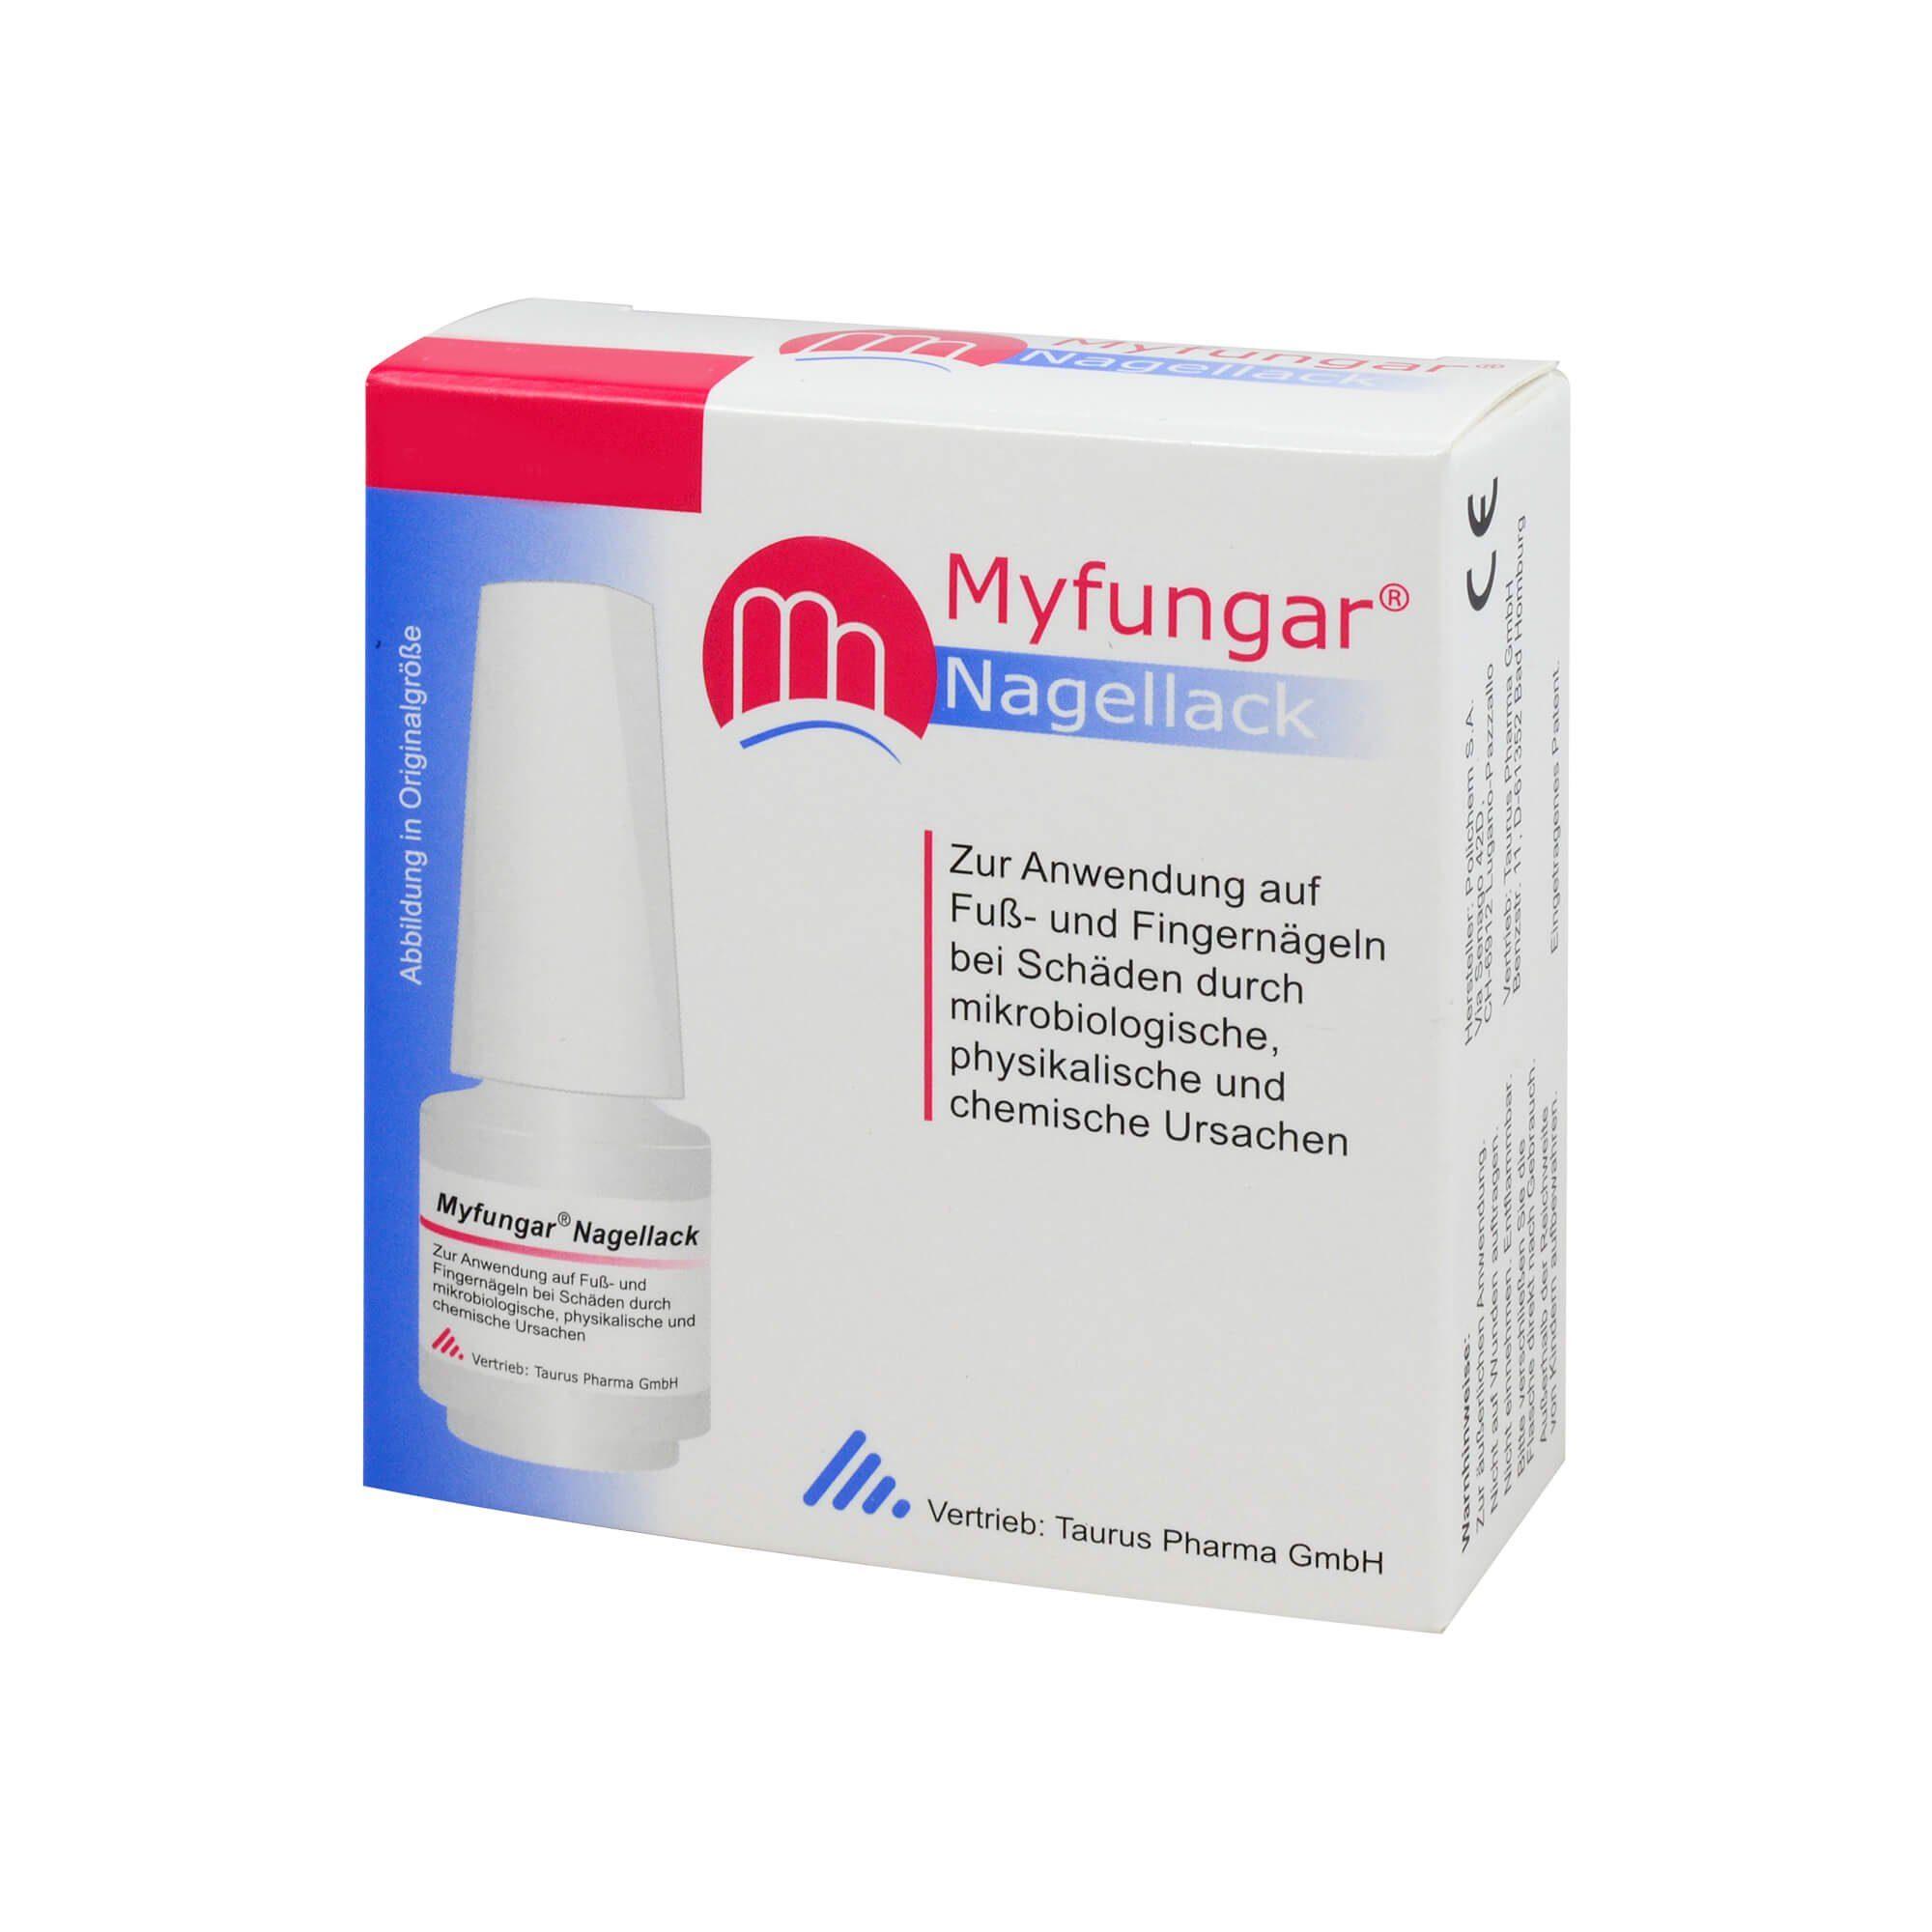 Myfungar Nagellack , 6.6 ml